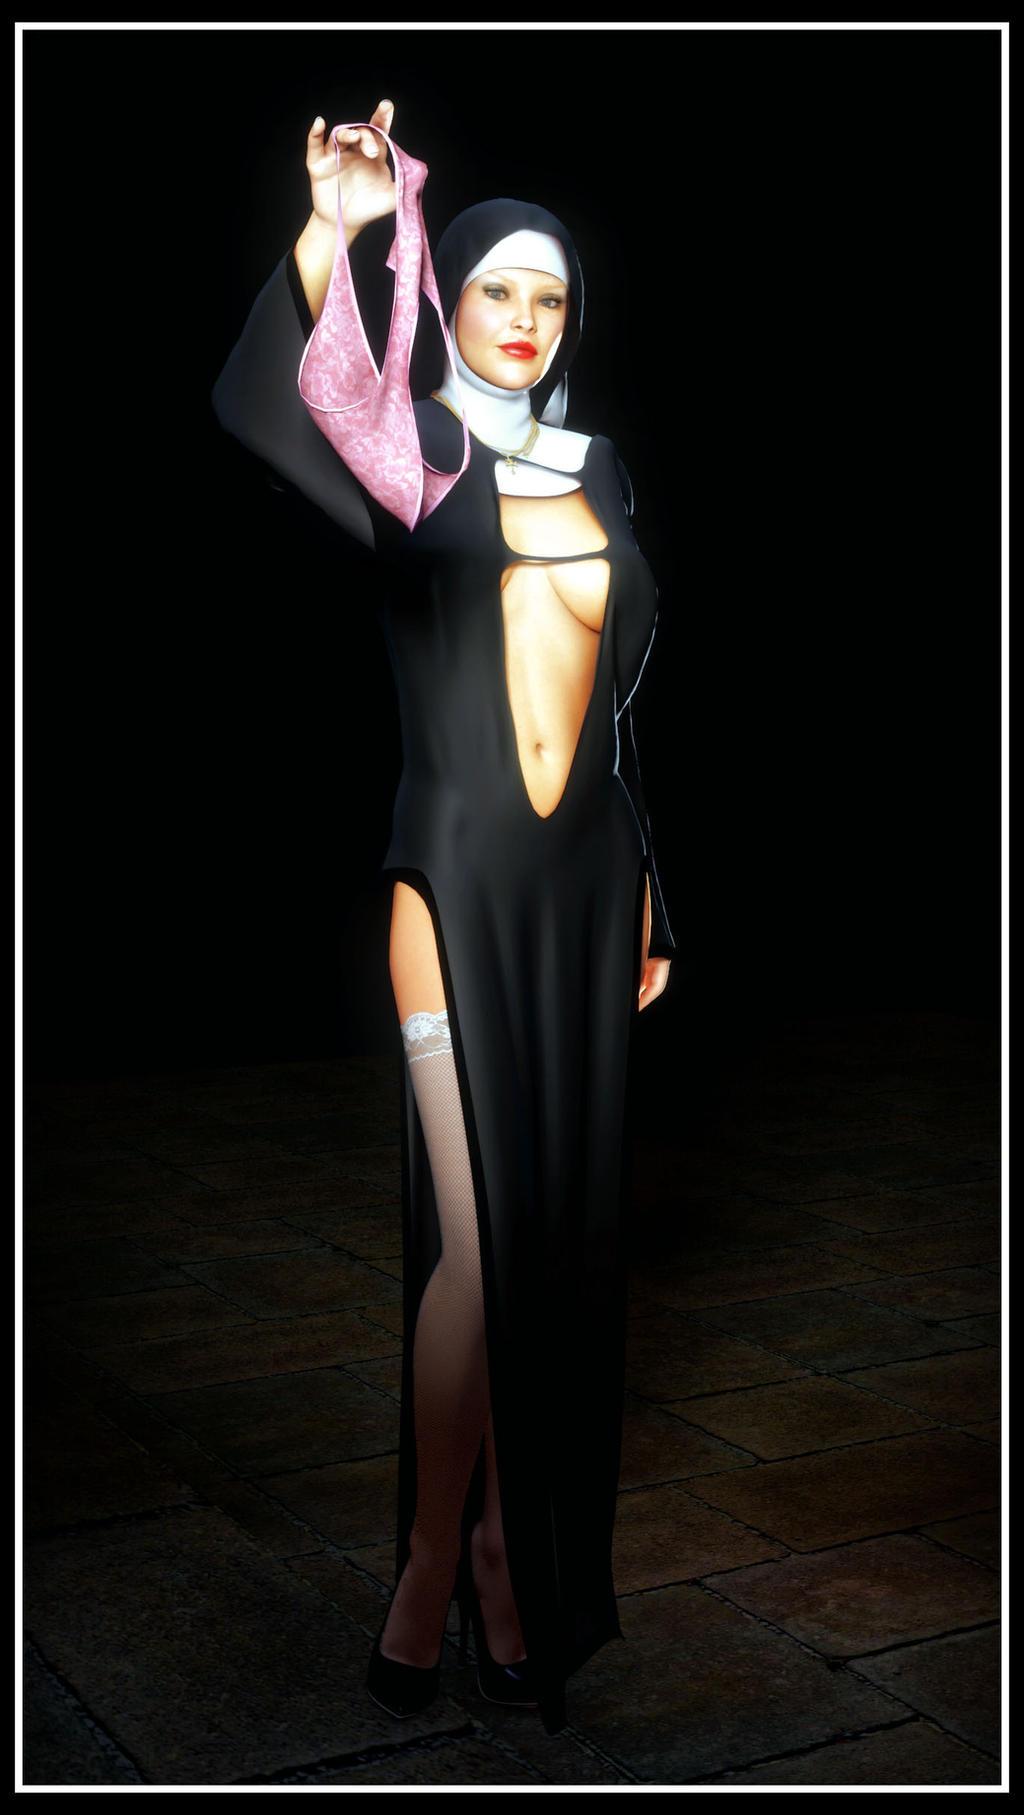 Pantiless Nun by madaigual